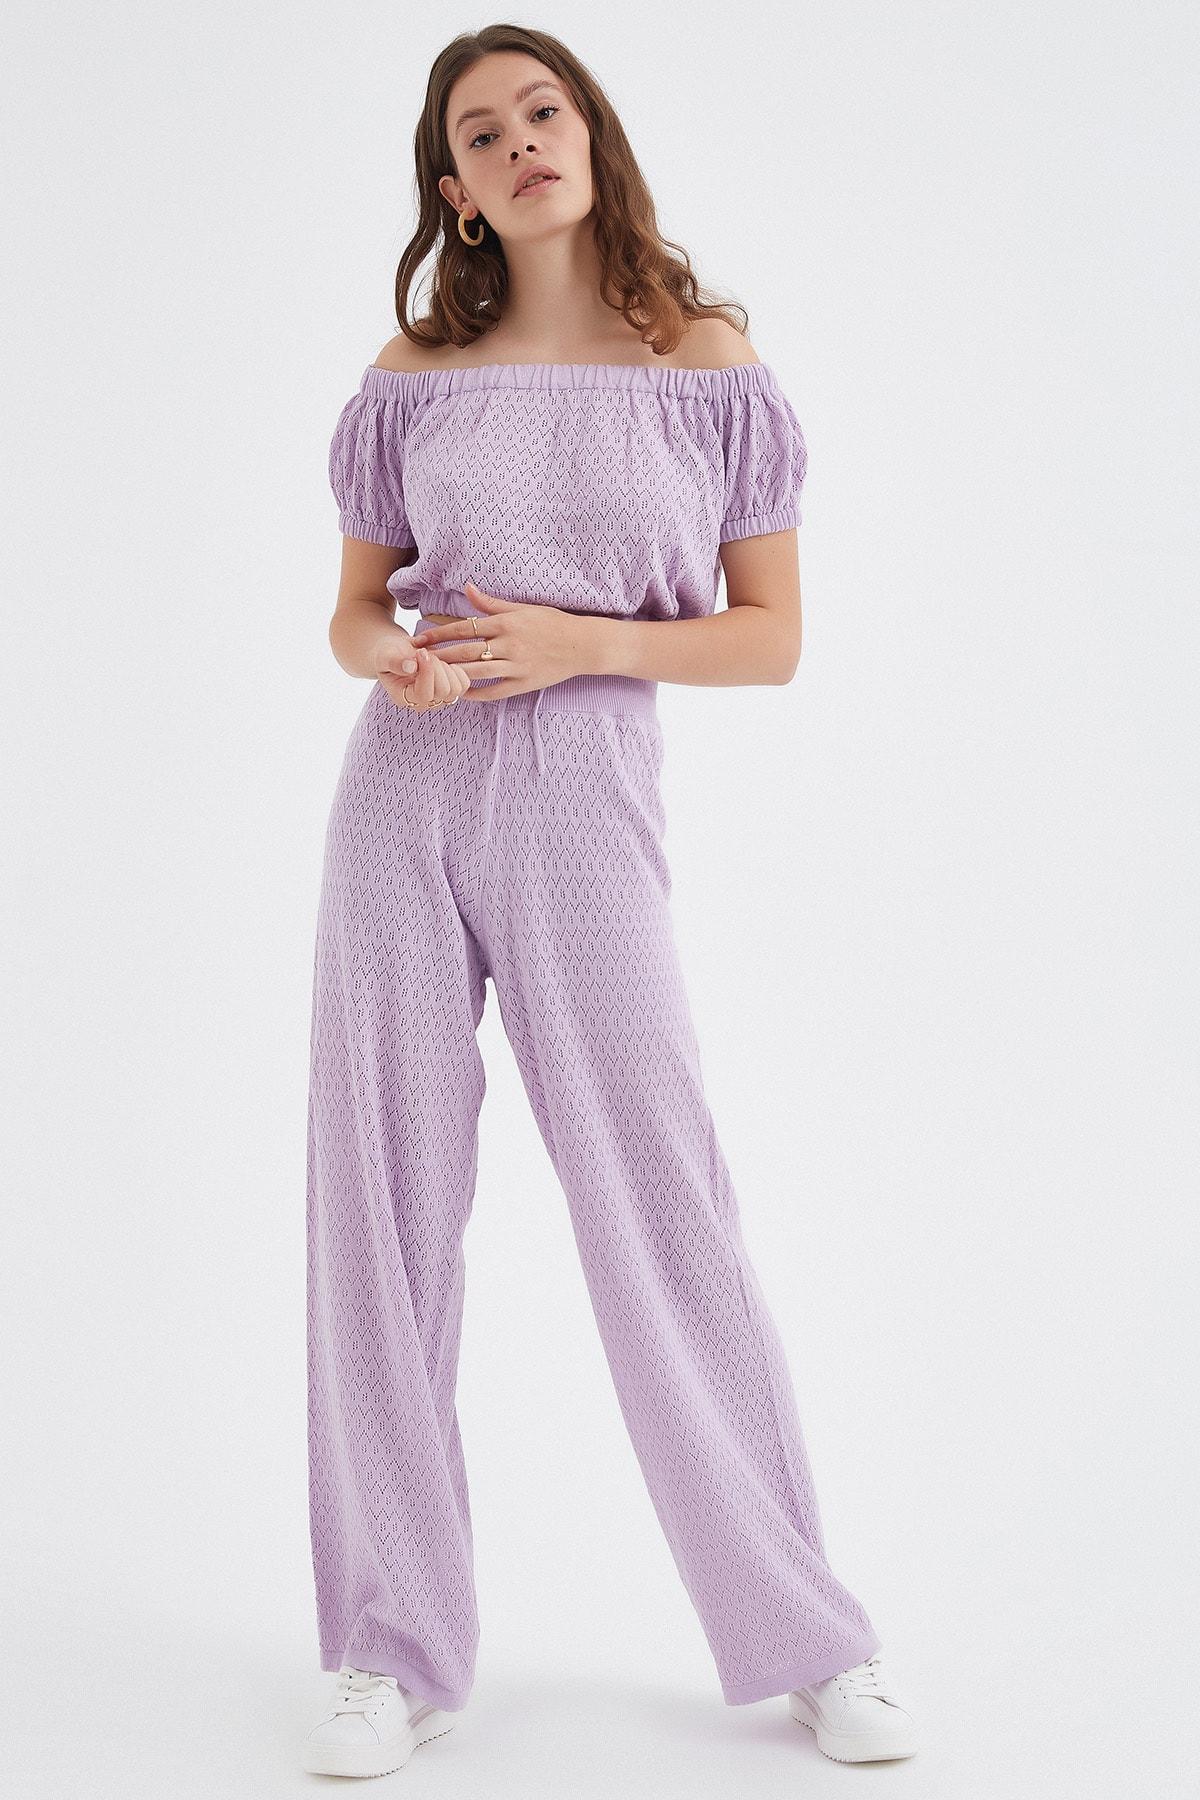 Nisan Triko Kadın Lila Ajurlu Triko Pantolon 1